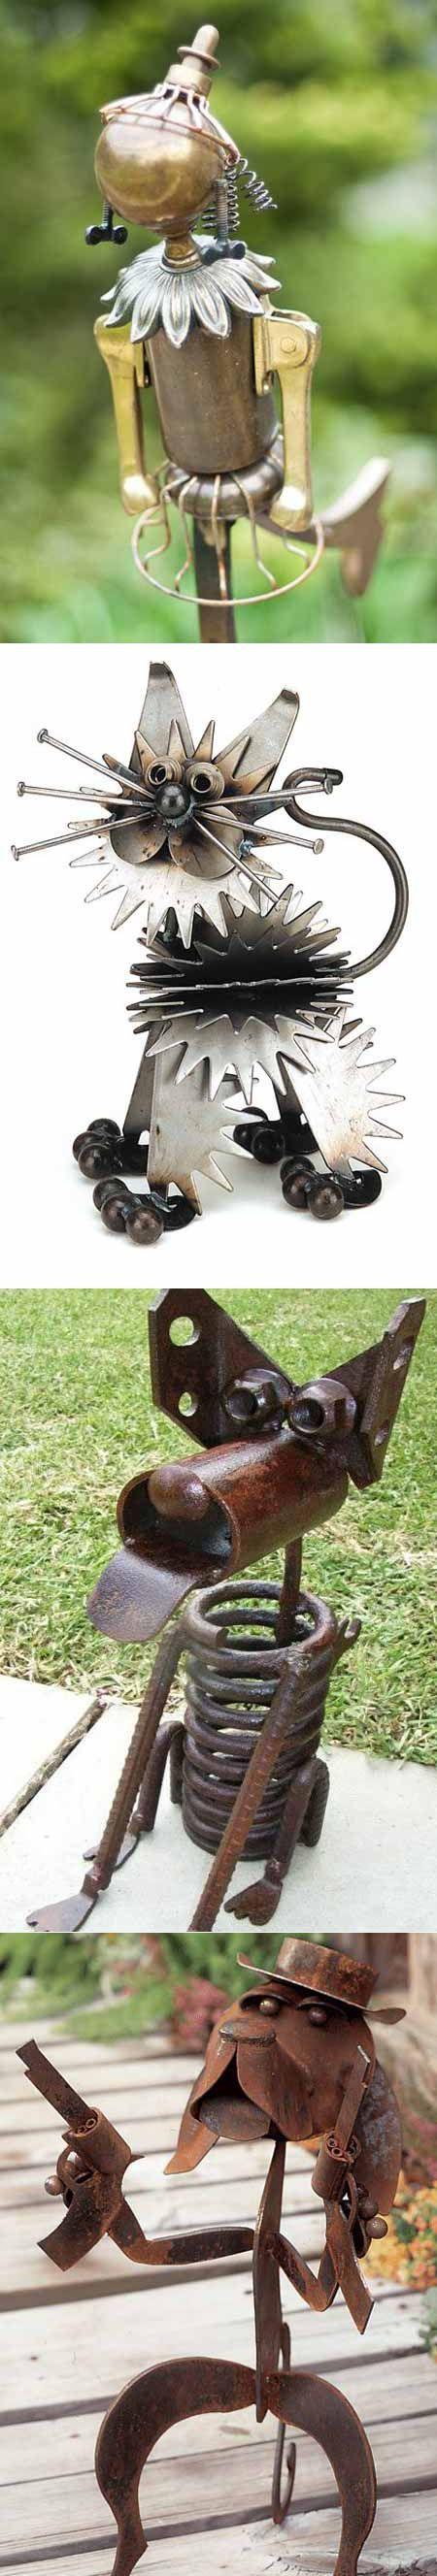 Поделки для дачи: 10 забавных фигурок из металла | Дача | Постила